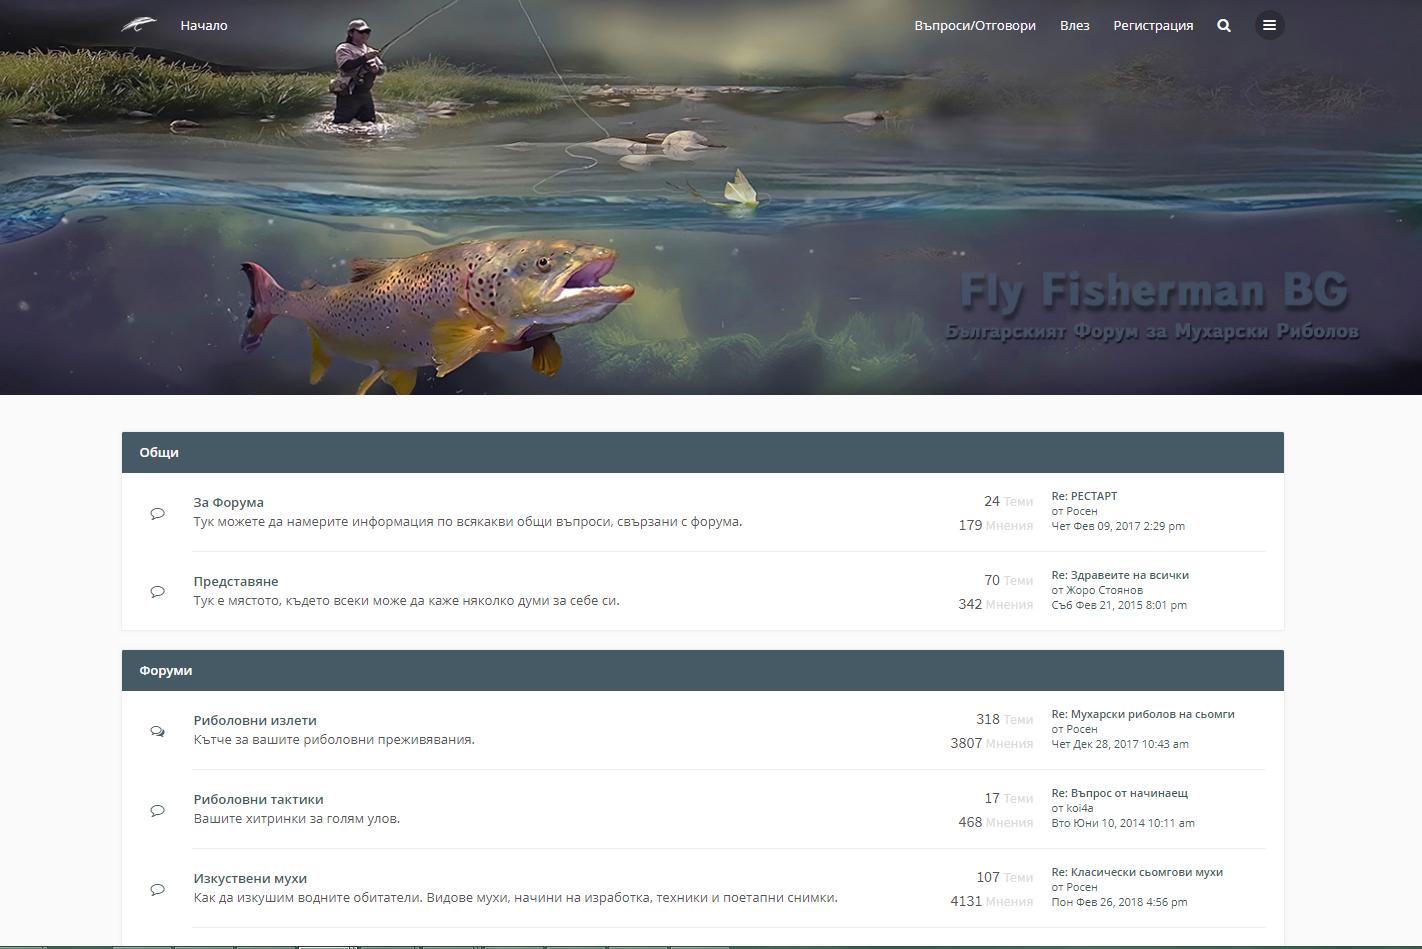 Flyfisherman BG